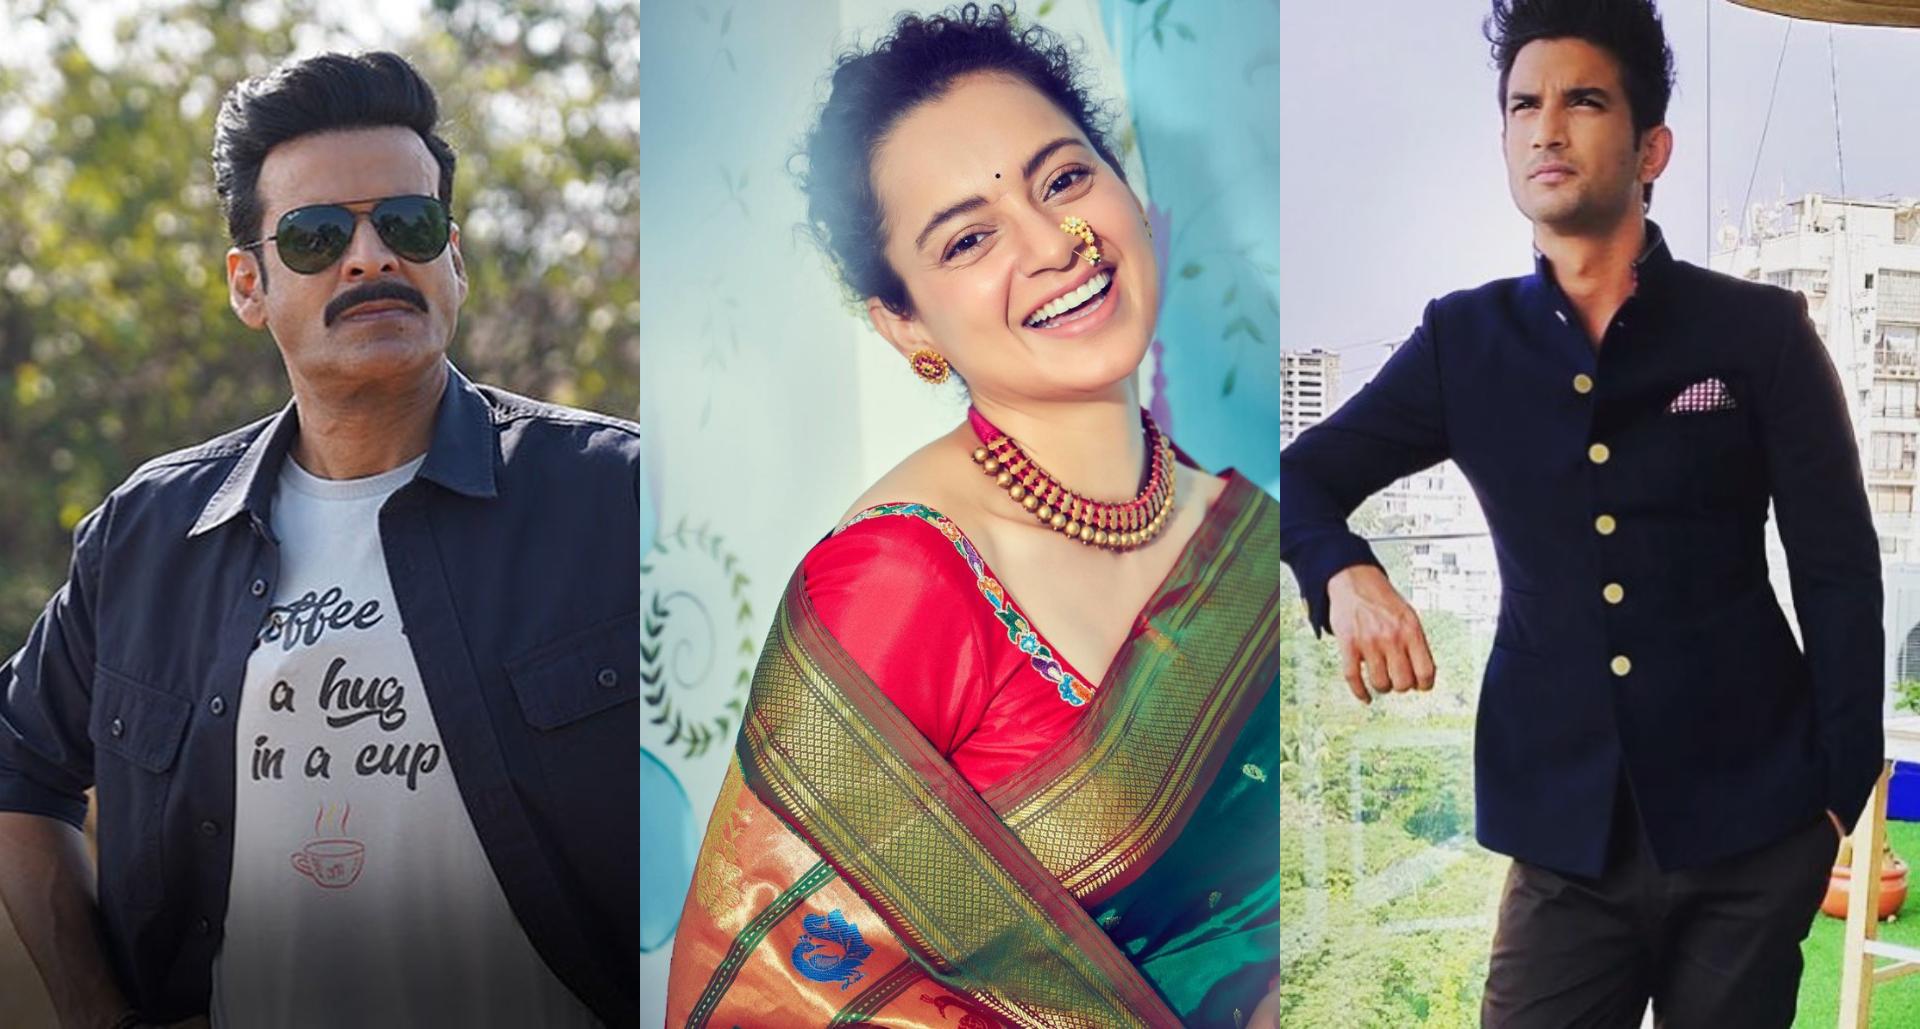 67th National Film Awards 2019 Full Winners List: सुशांत सिंह राजपूत की छिछोरे और कंगना रनौत को मिली बड़ी जीत!